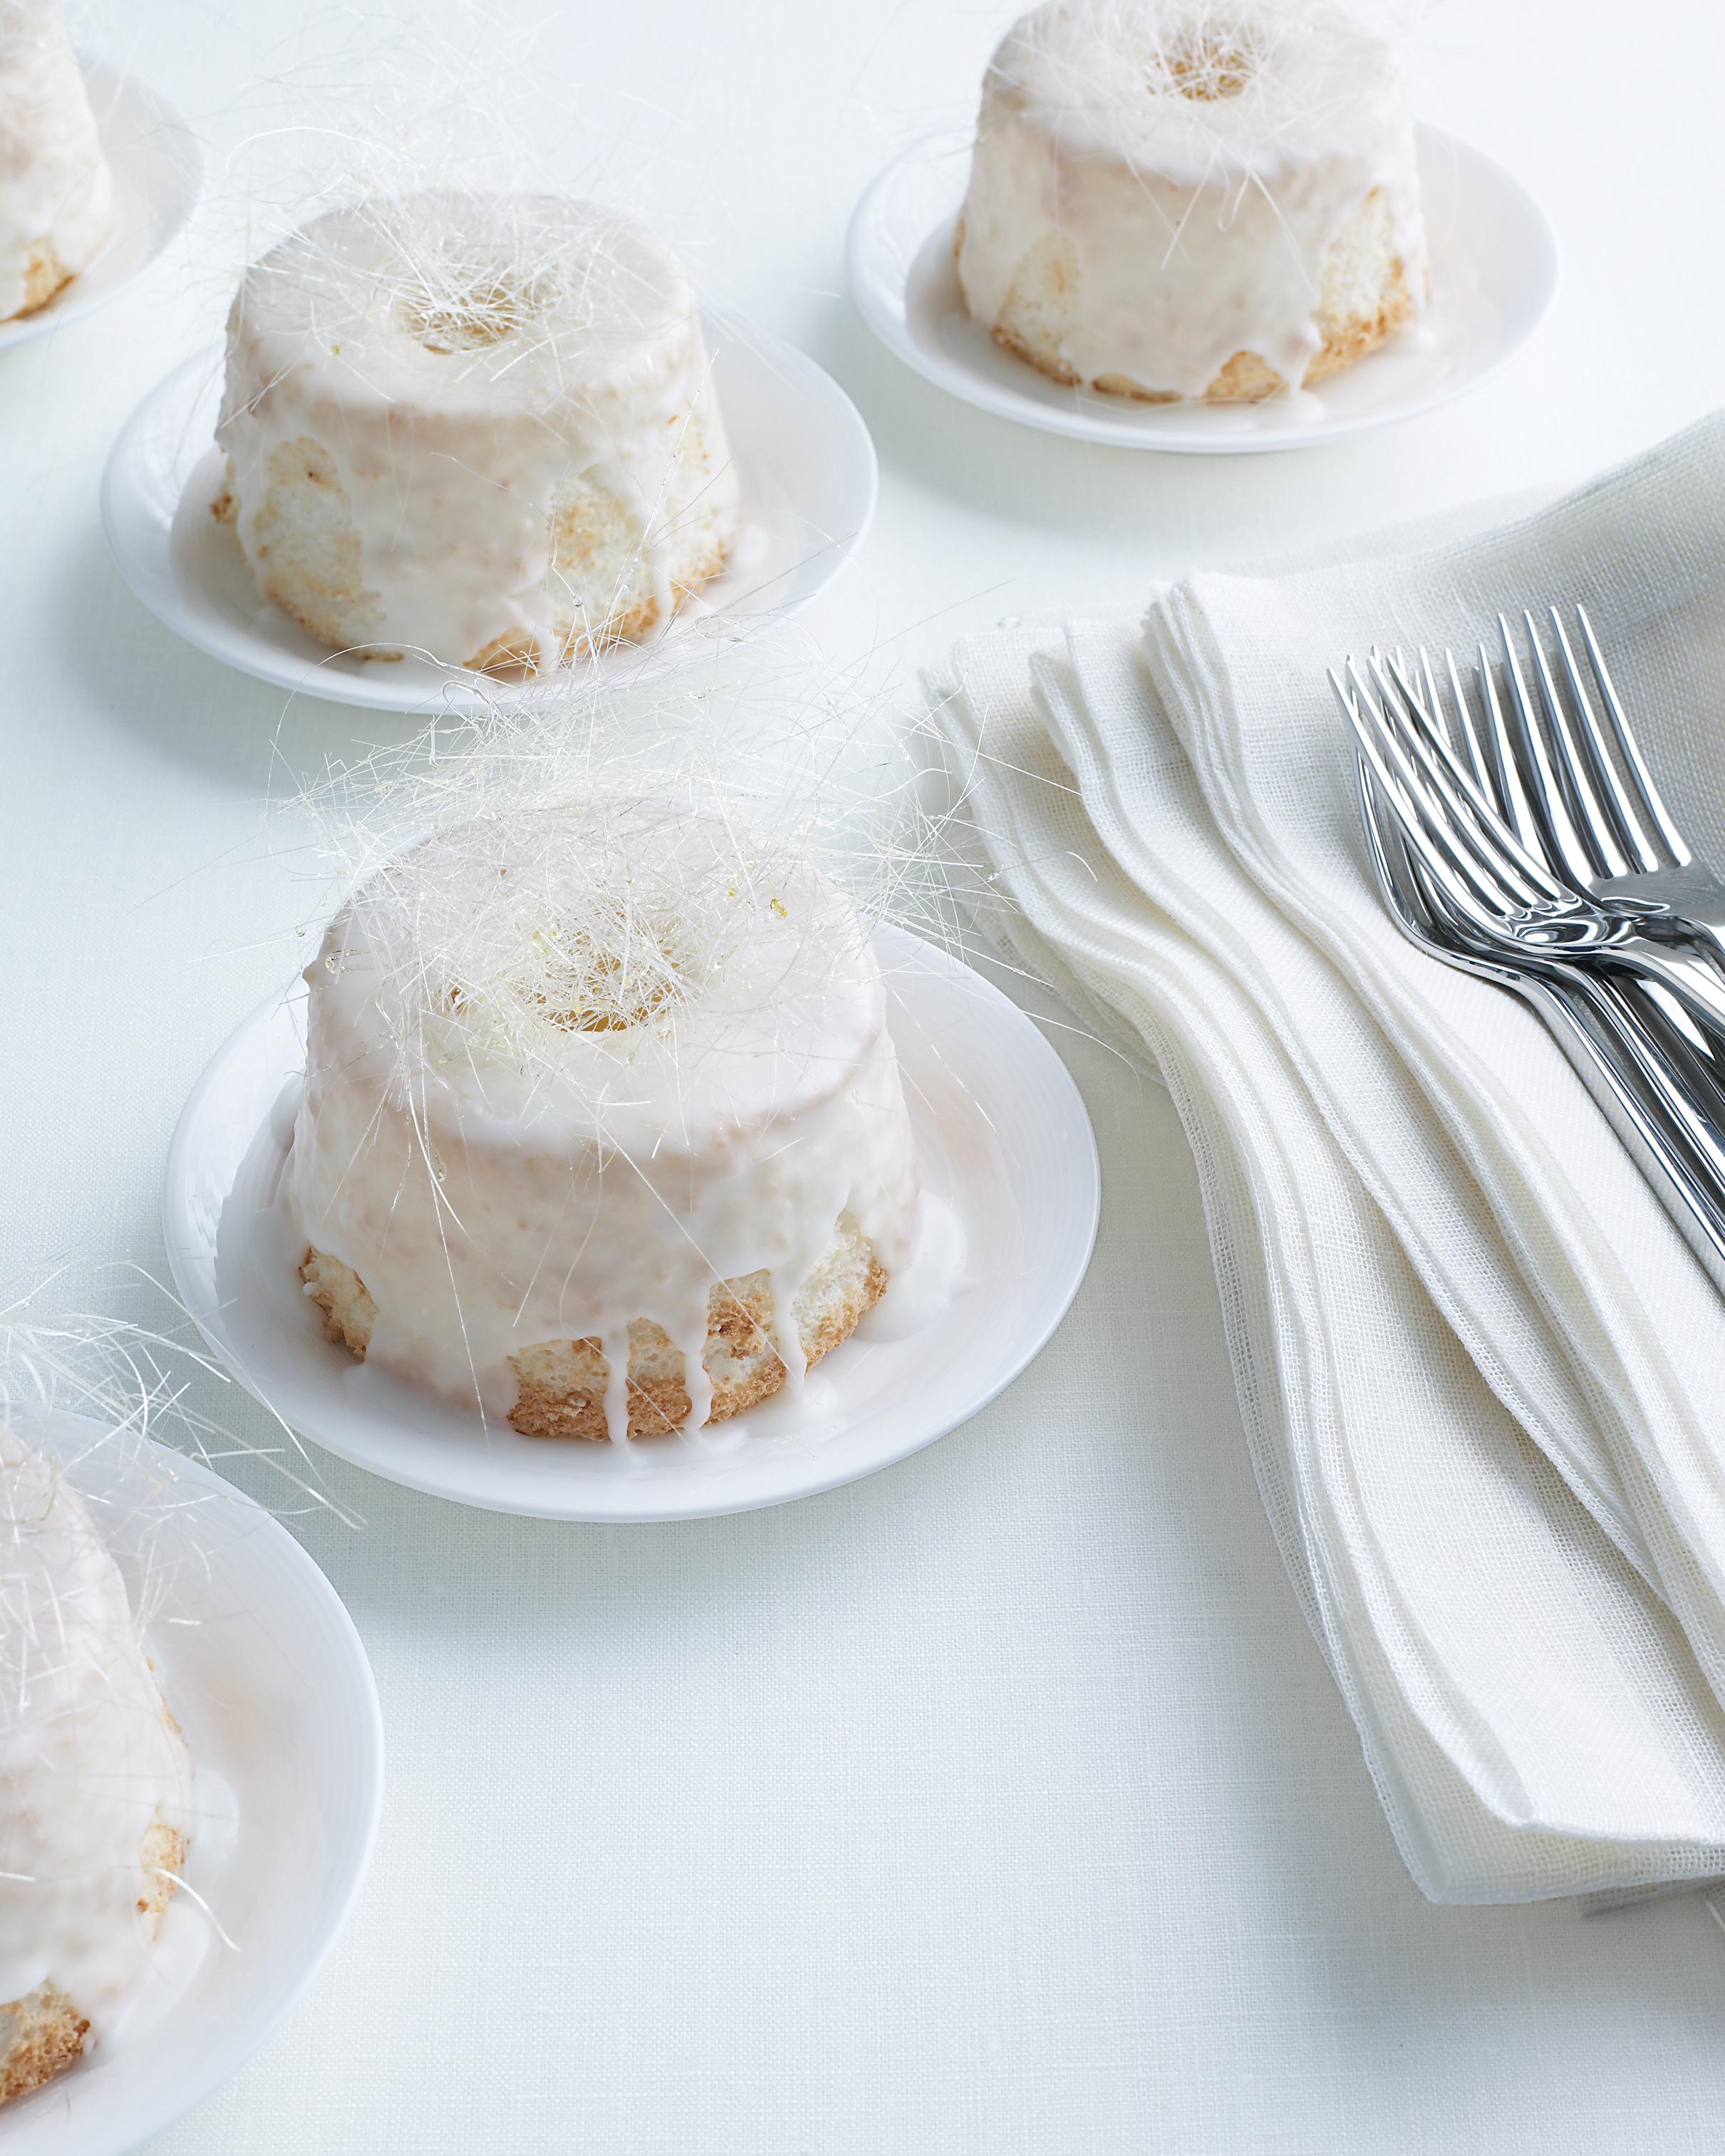 marry-me-martha-mini-angel-food-cakes-sp-09-0515.jpg